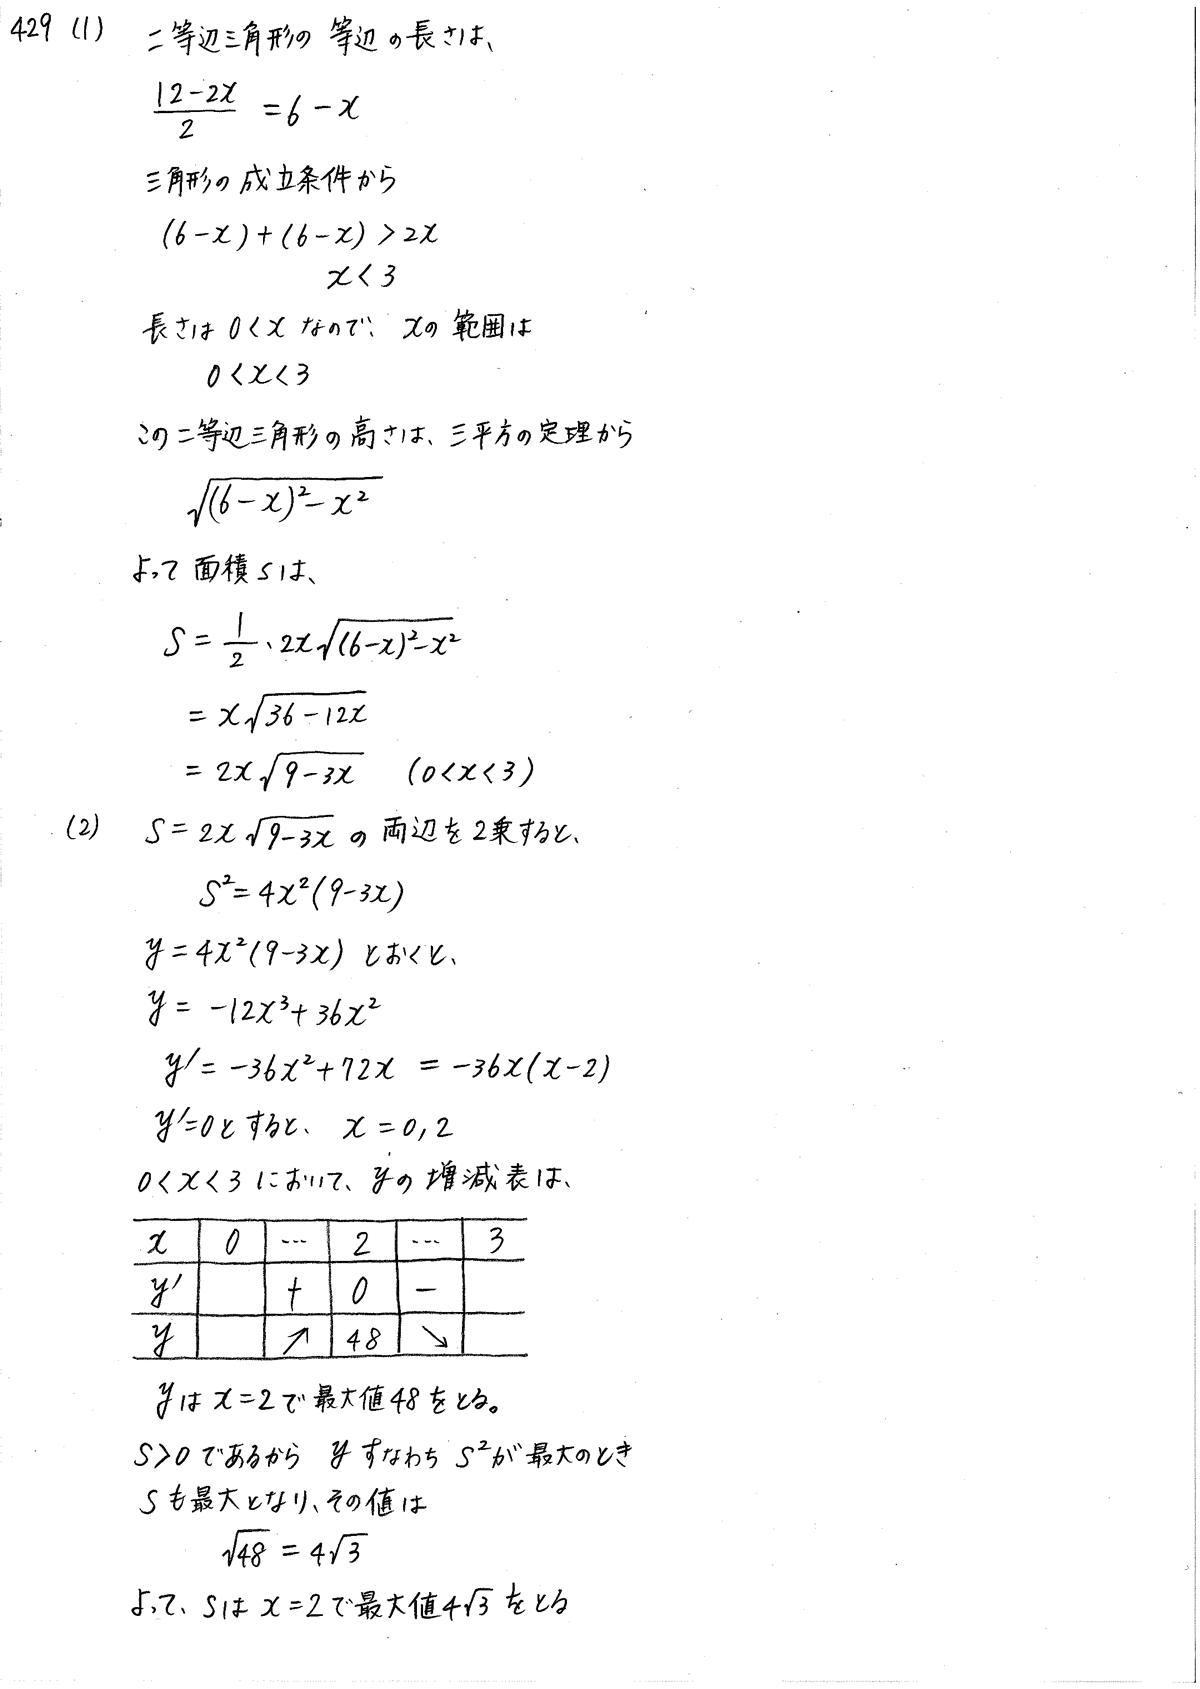 クリアー数学2-429解答